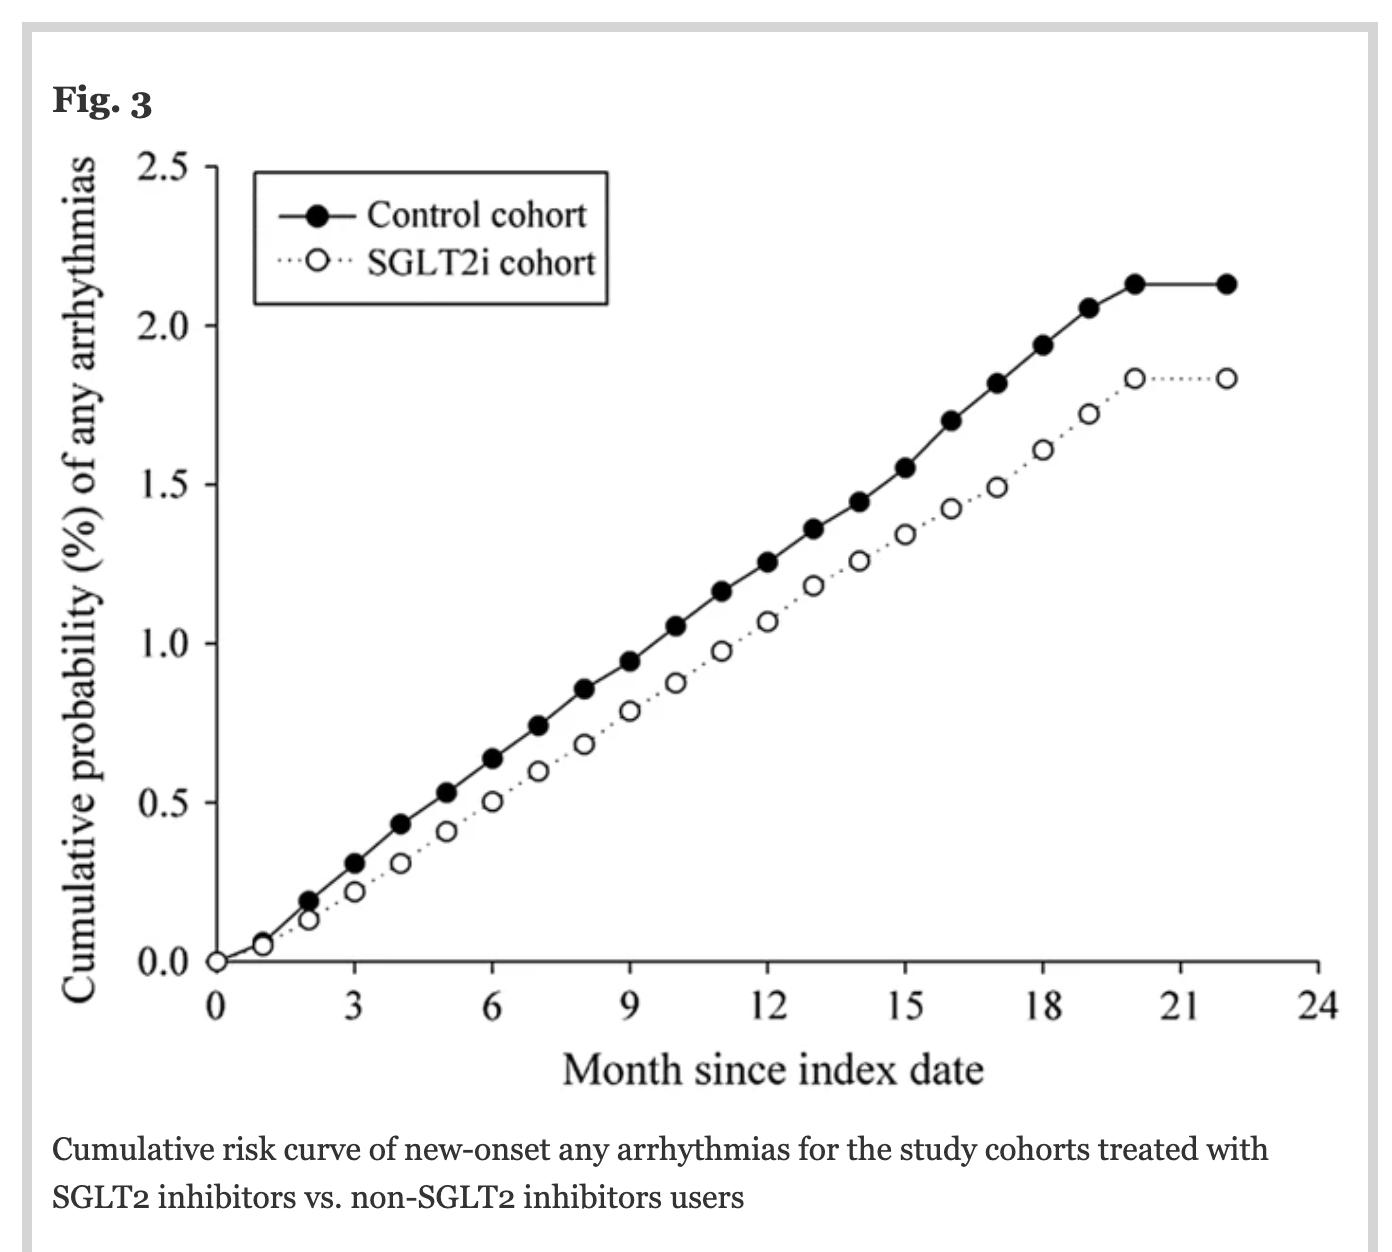 SGLT2阻害薬使用は不整脈の新規発症低下と関連あり?:Cardiovasc Diabetol誌_a0119856_07175768.png